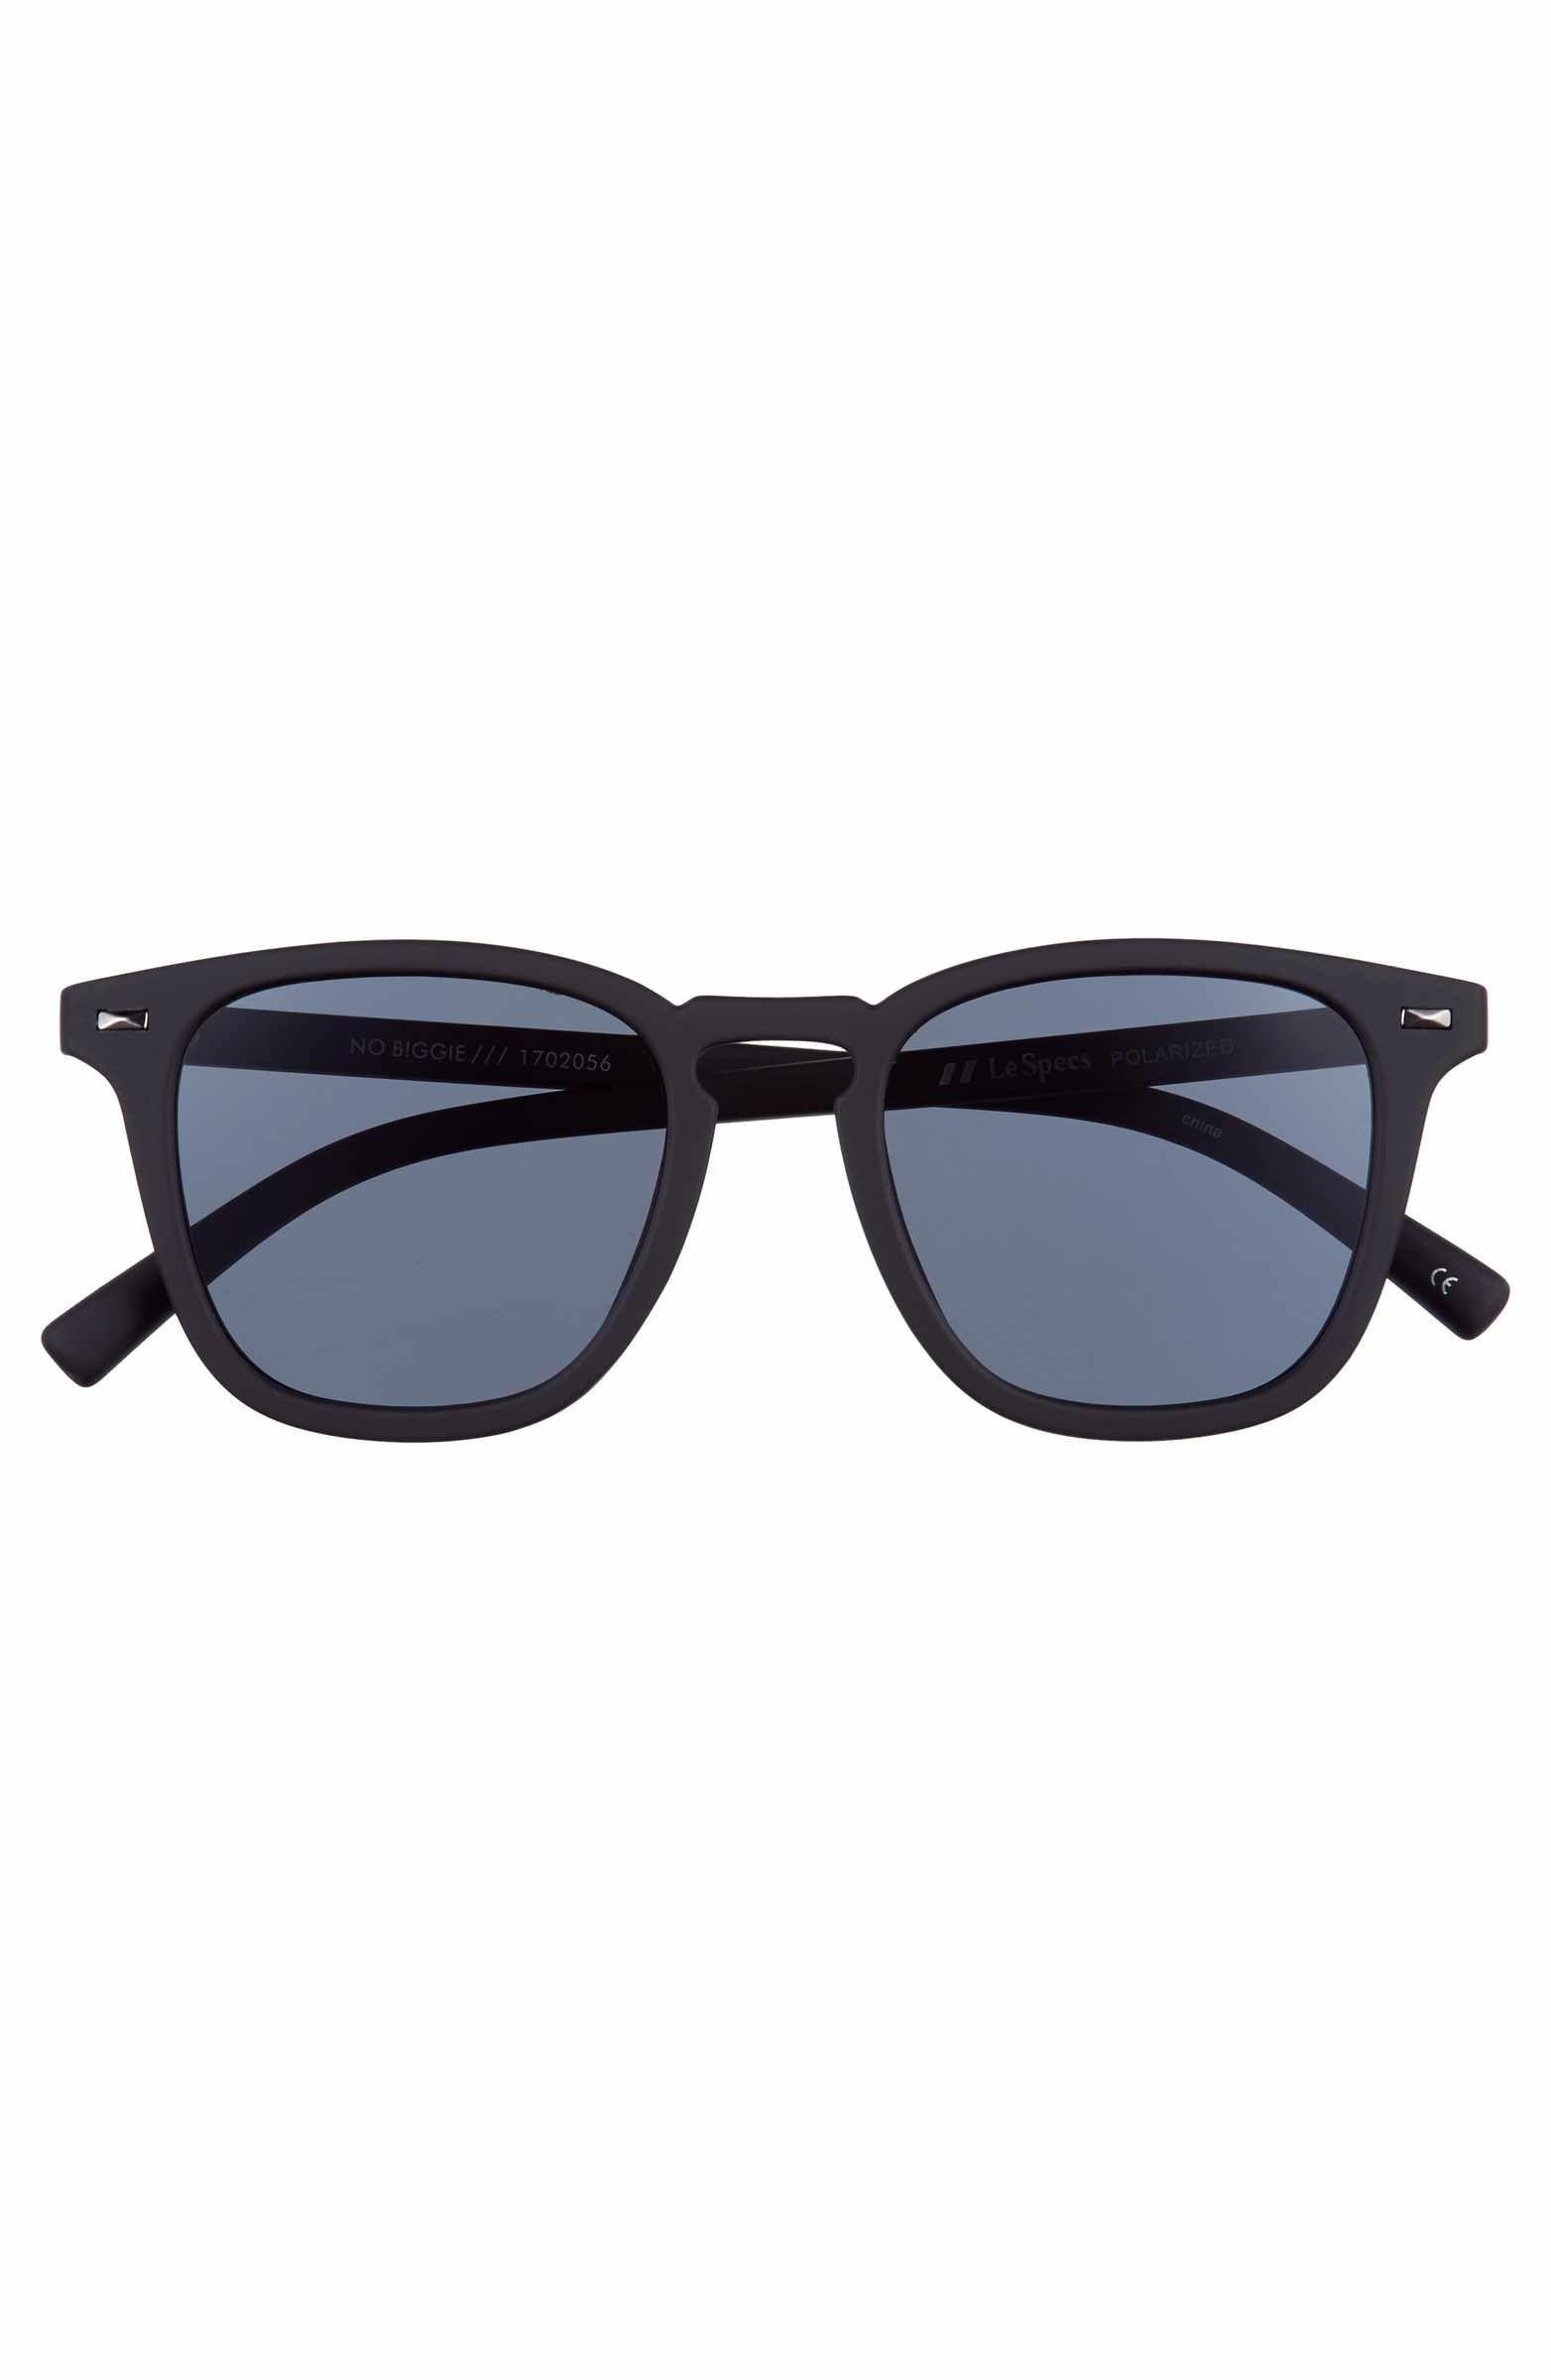 103fa28f02331 Main Image - Le Specs No Biggie 45mm Polarized Sunglasses